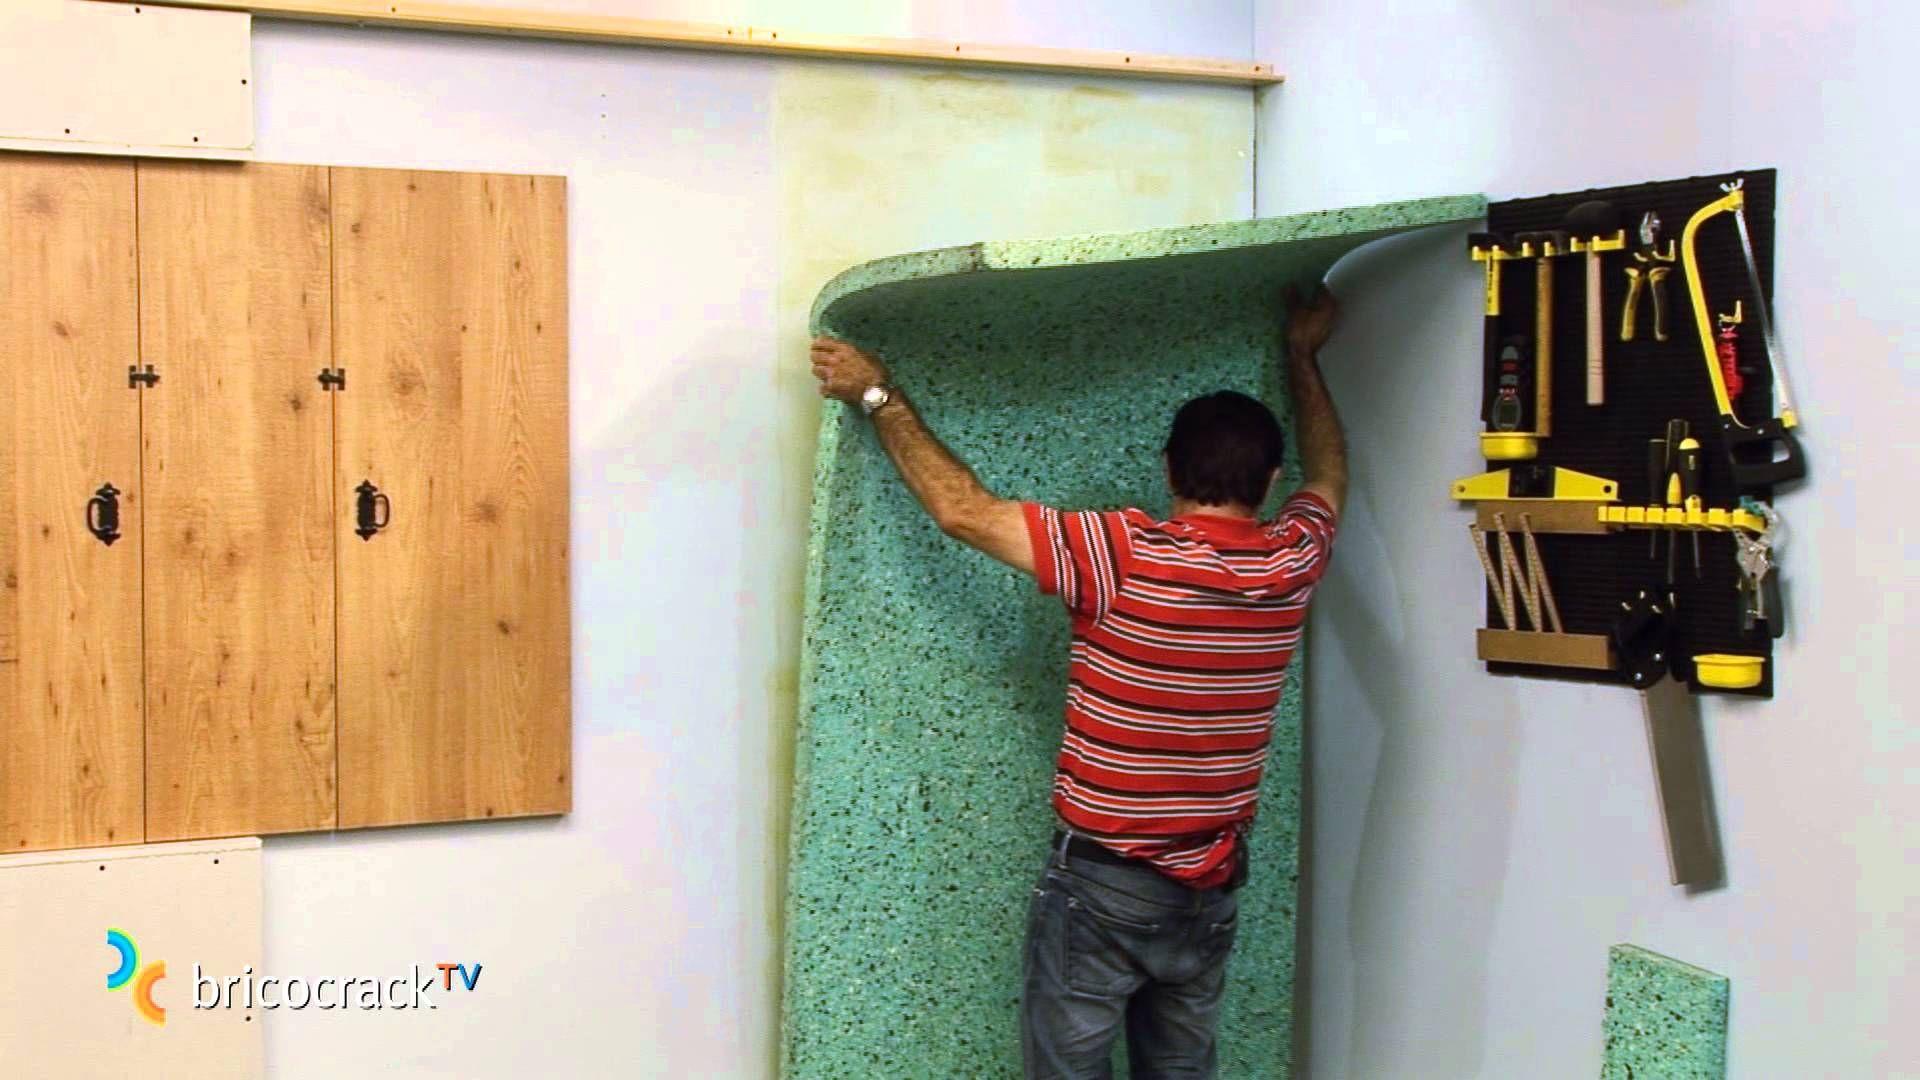 Aislar una pared con paneles encolados bricocracktv for Leroy merlin isolamento acustico